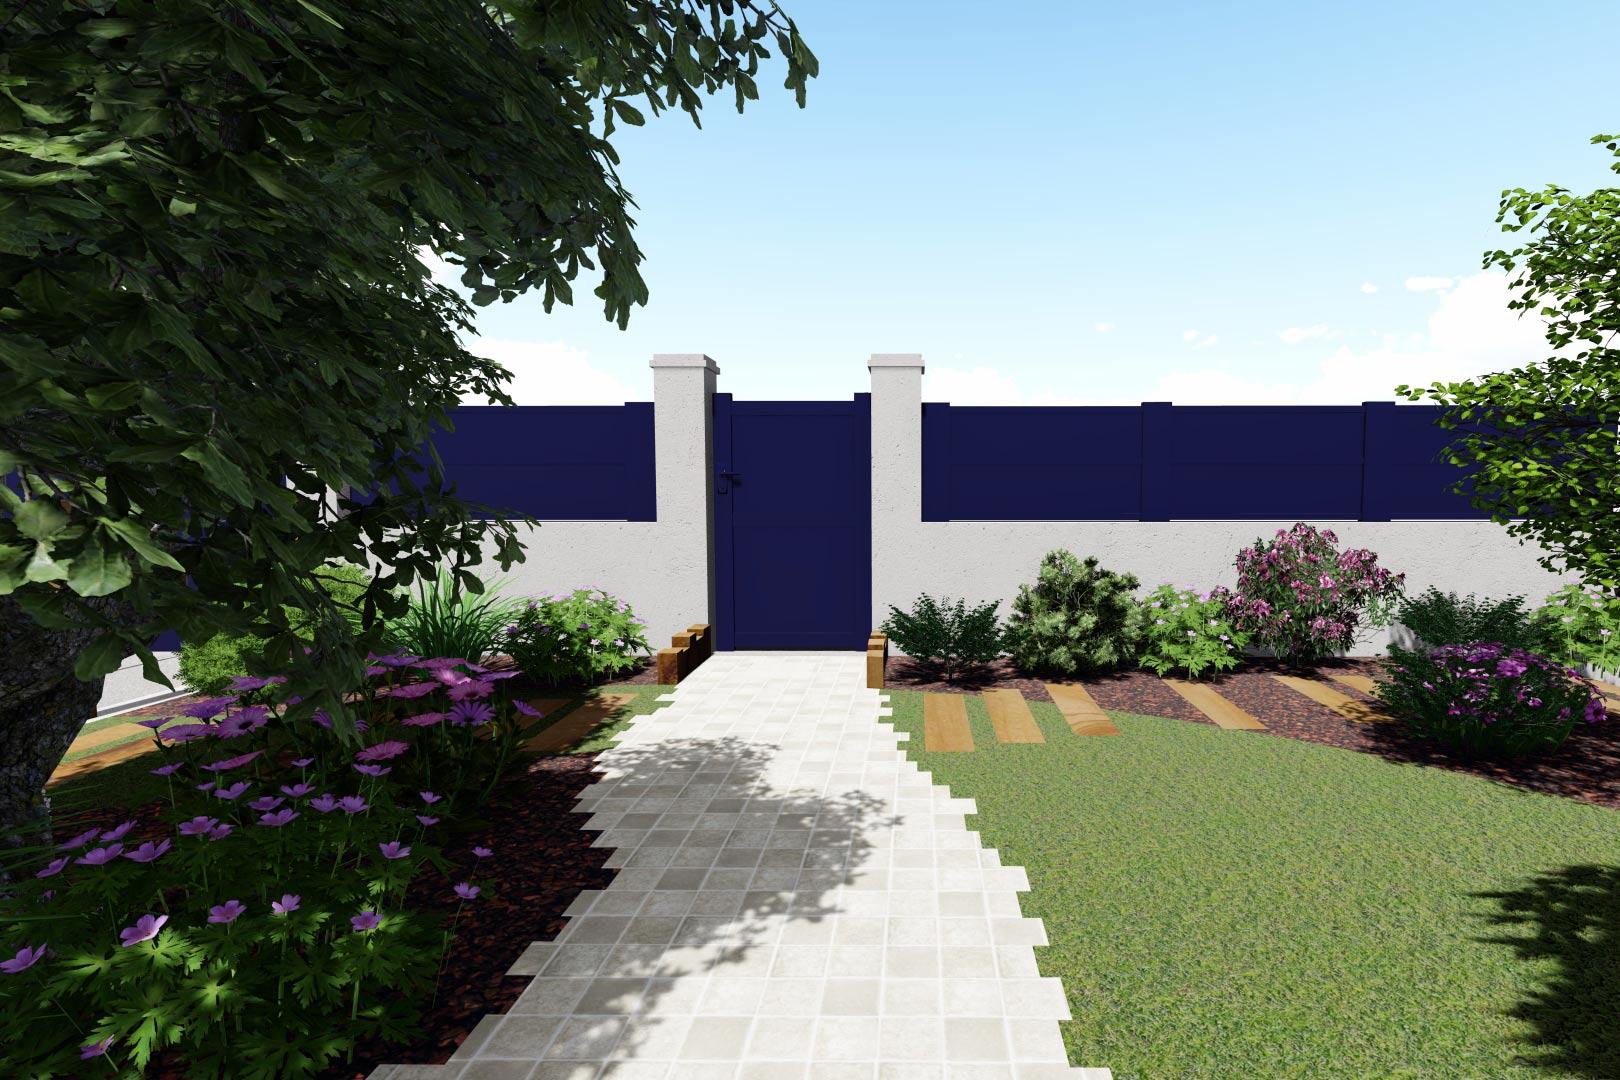 Vous cherchez un portail et un clôture pour votre jardin ? Contactez notre équipe de professionnels.